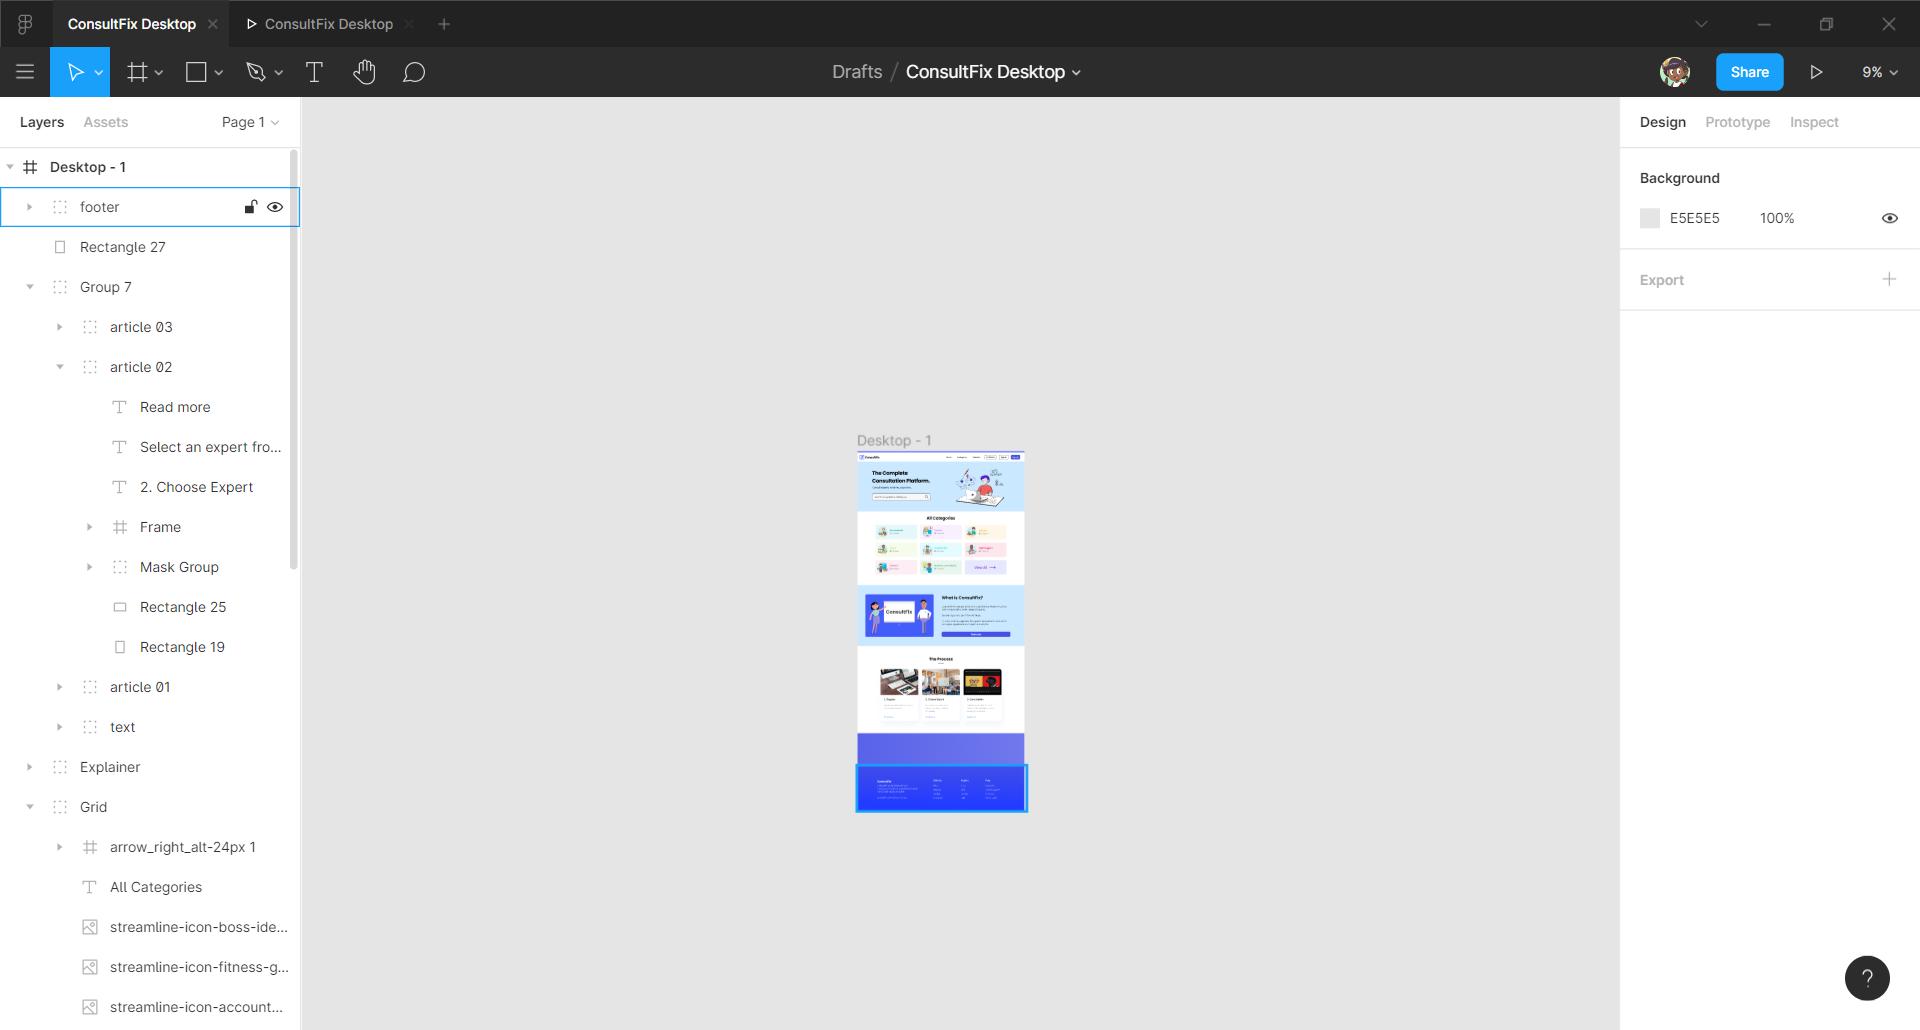 https://cloud-feaydccpe.vercel.app/0image.png